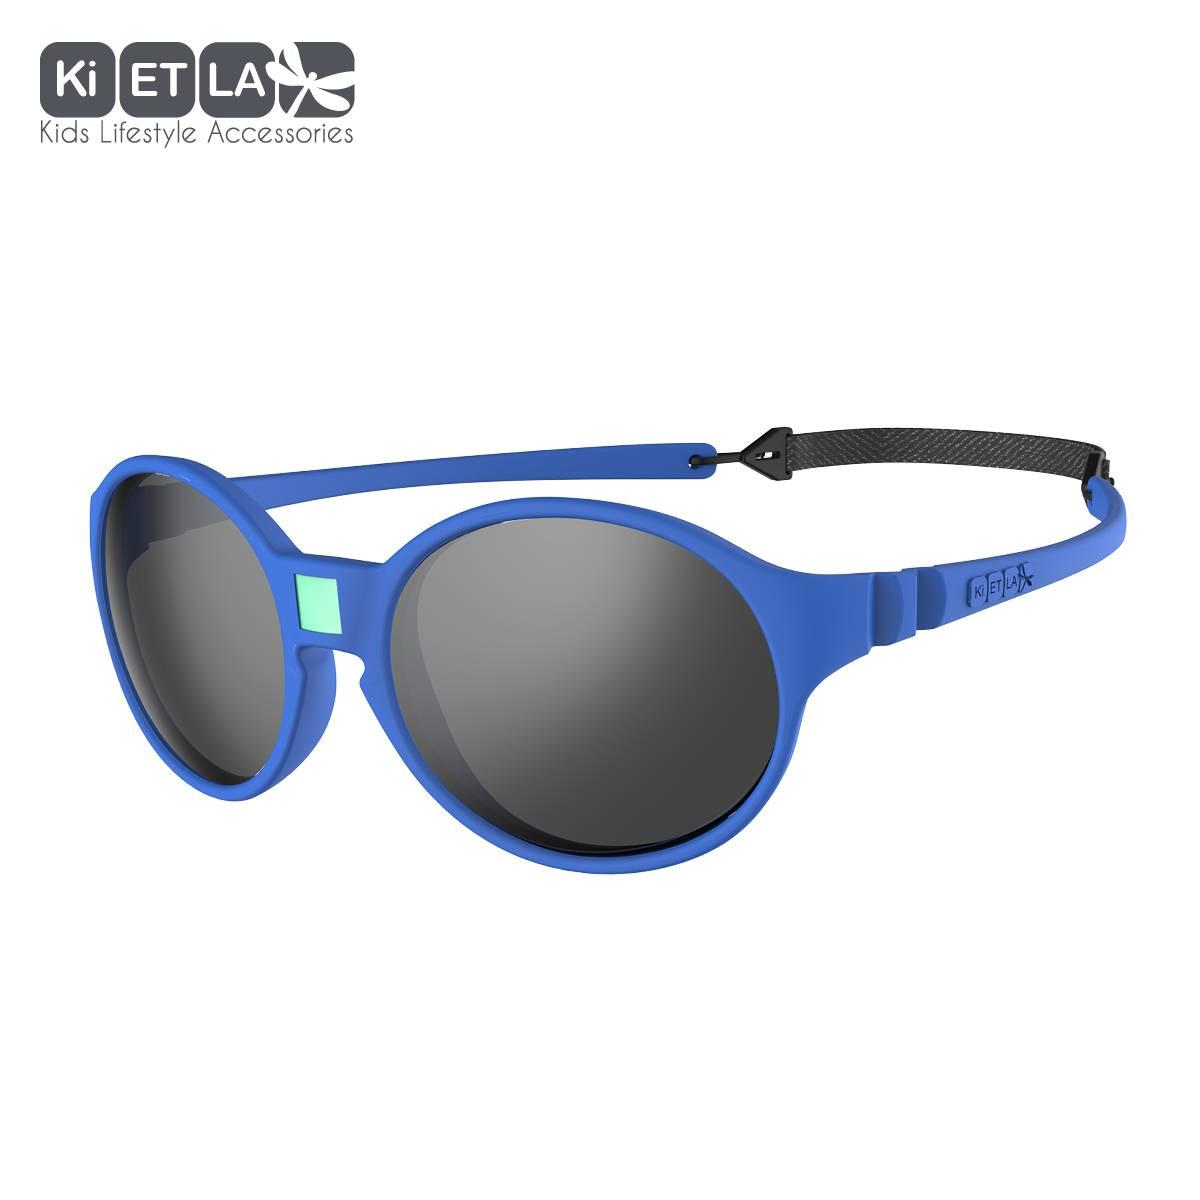 dbb7f8f1ce Découvrez toute la gamme de lunette de soleil bébé Ki Et LA à ...